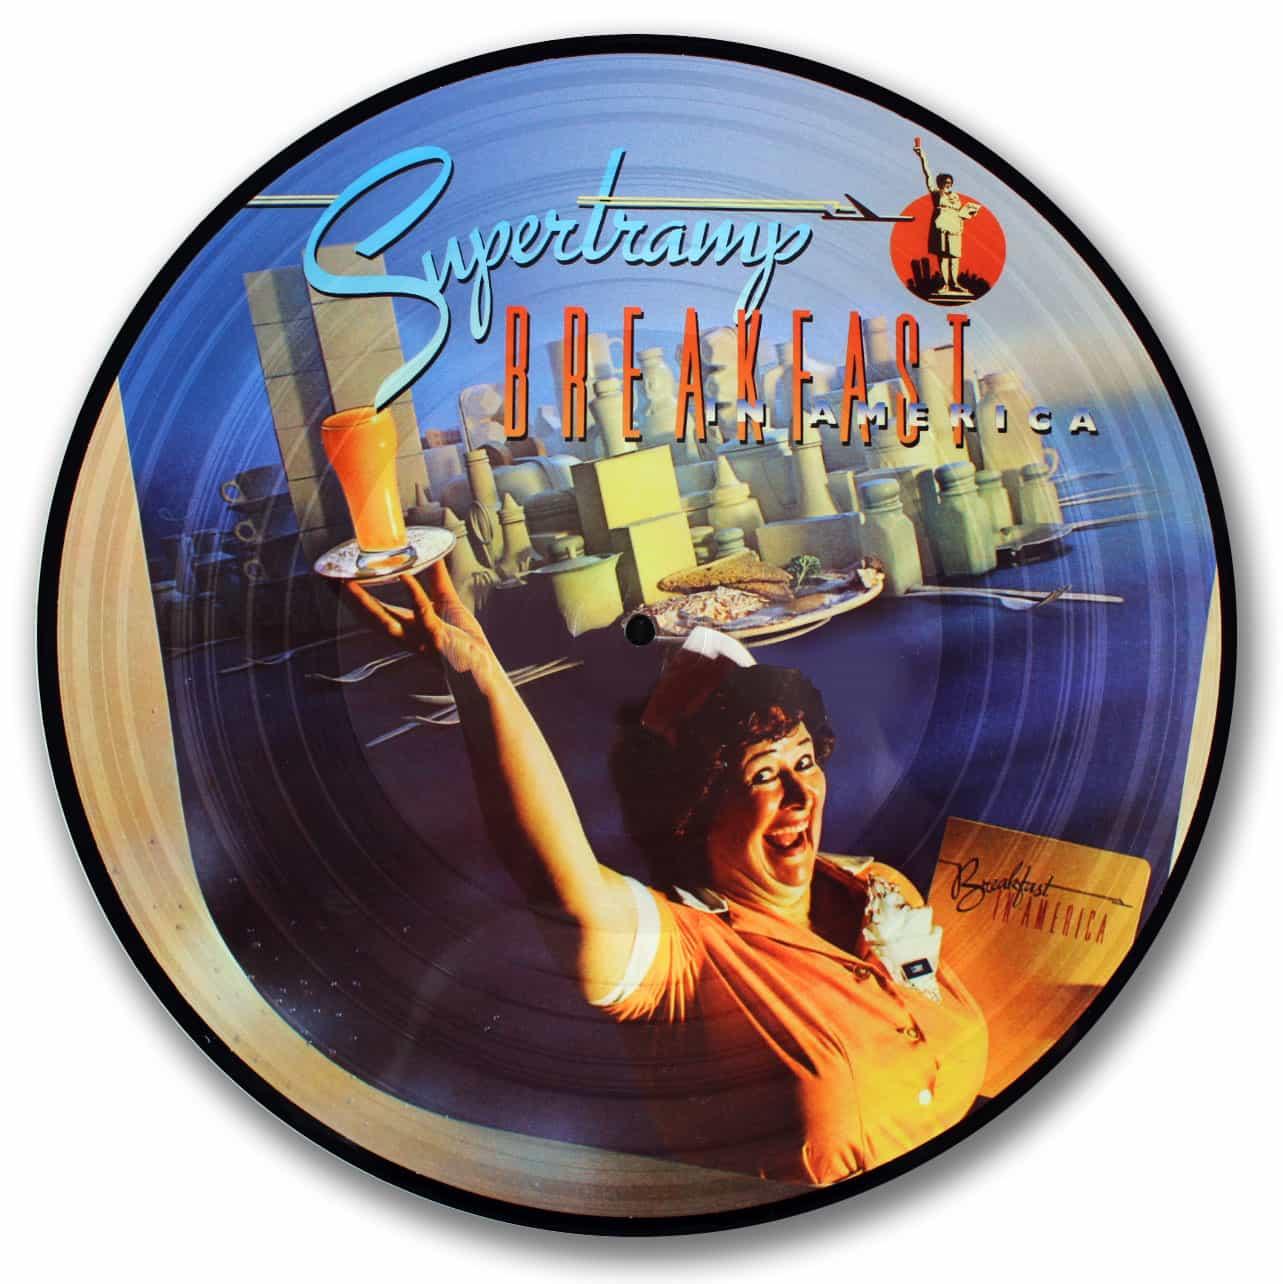 Supertramp, Breakfast in America Picture Disc